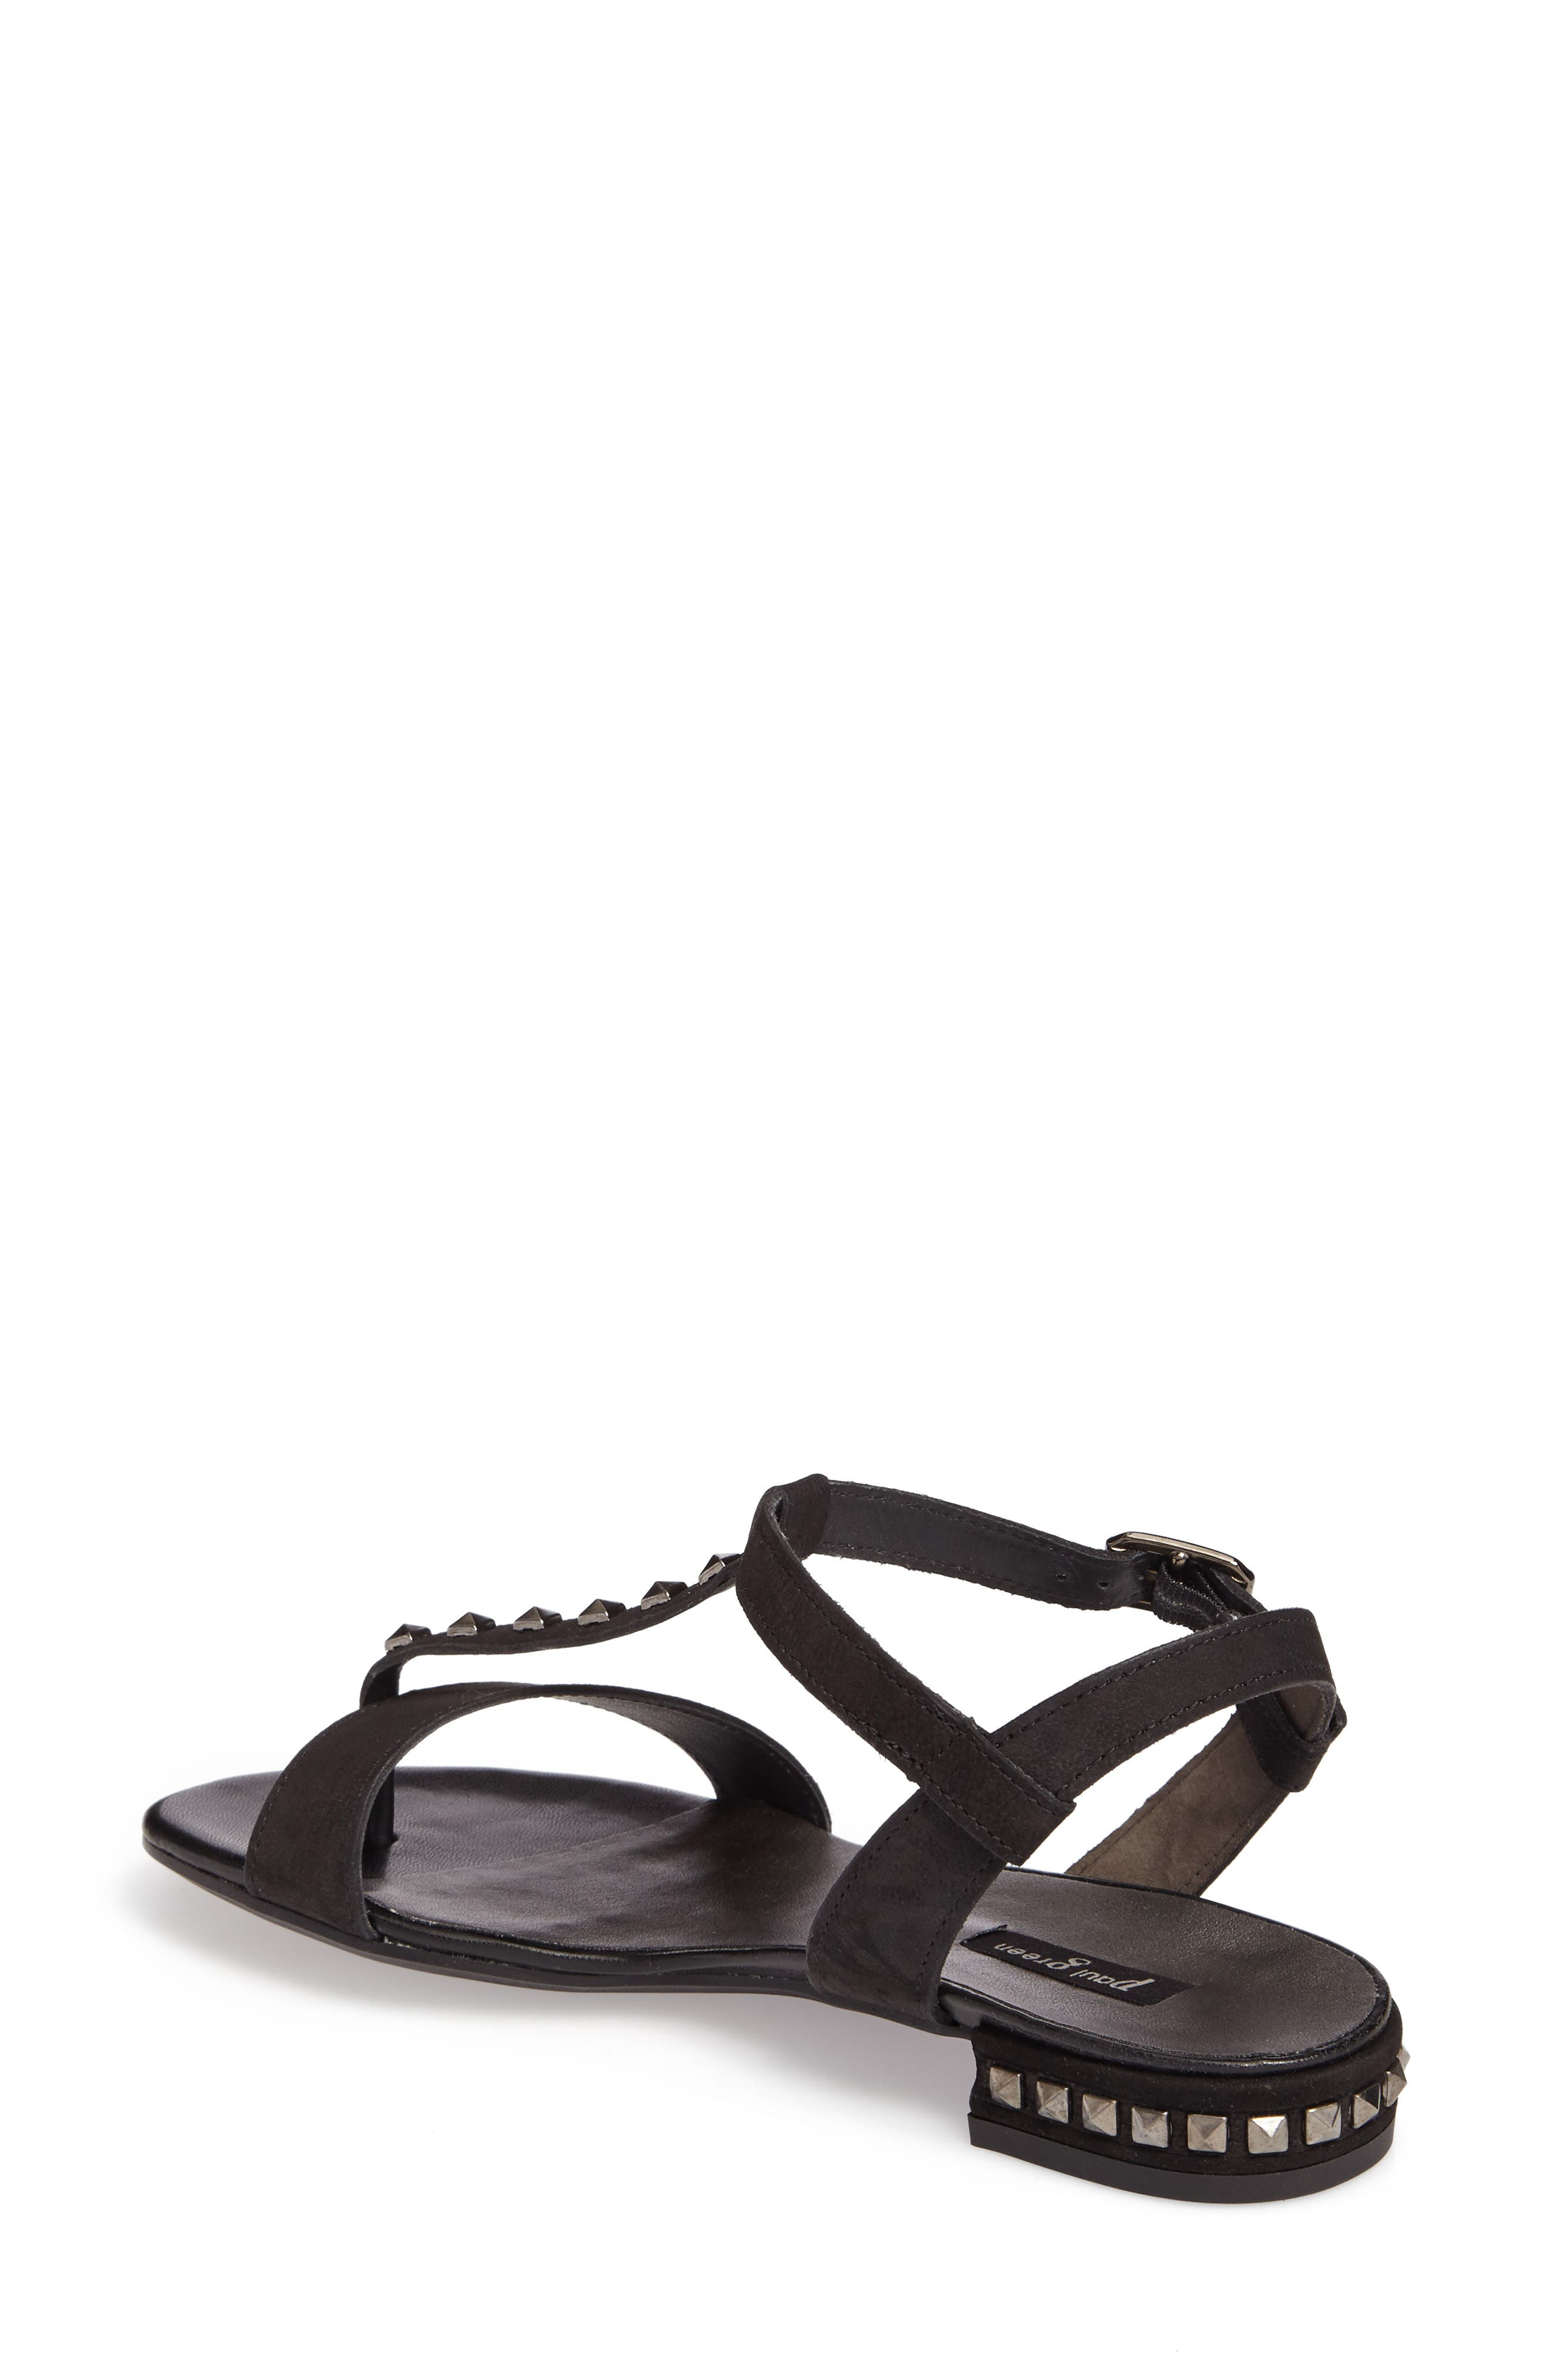 Nepal T-Strap Sandal,                             Alternate thumbnail 2, color,                             Black Nubuck